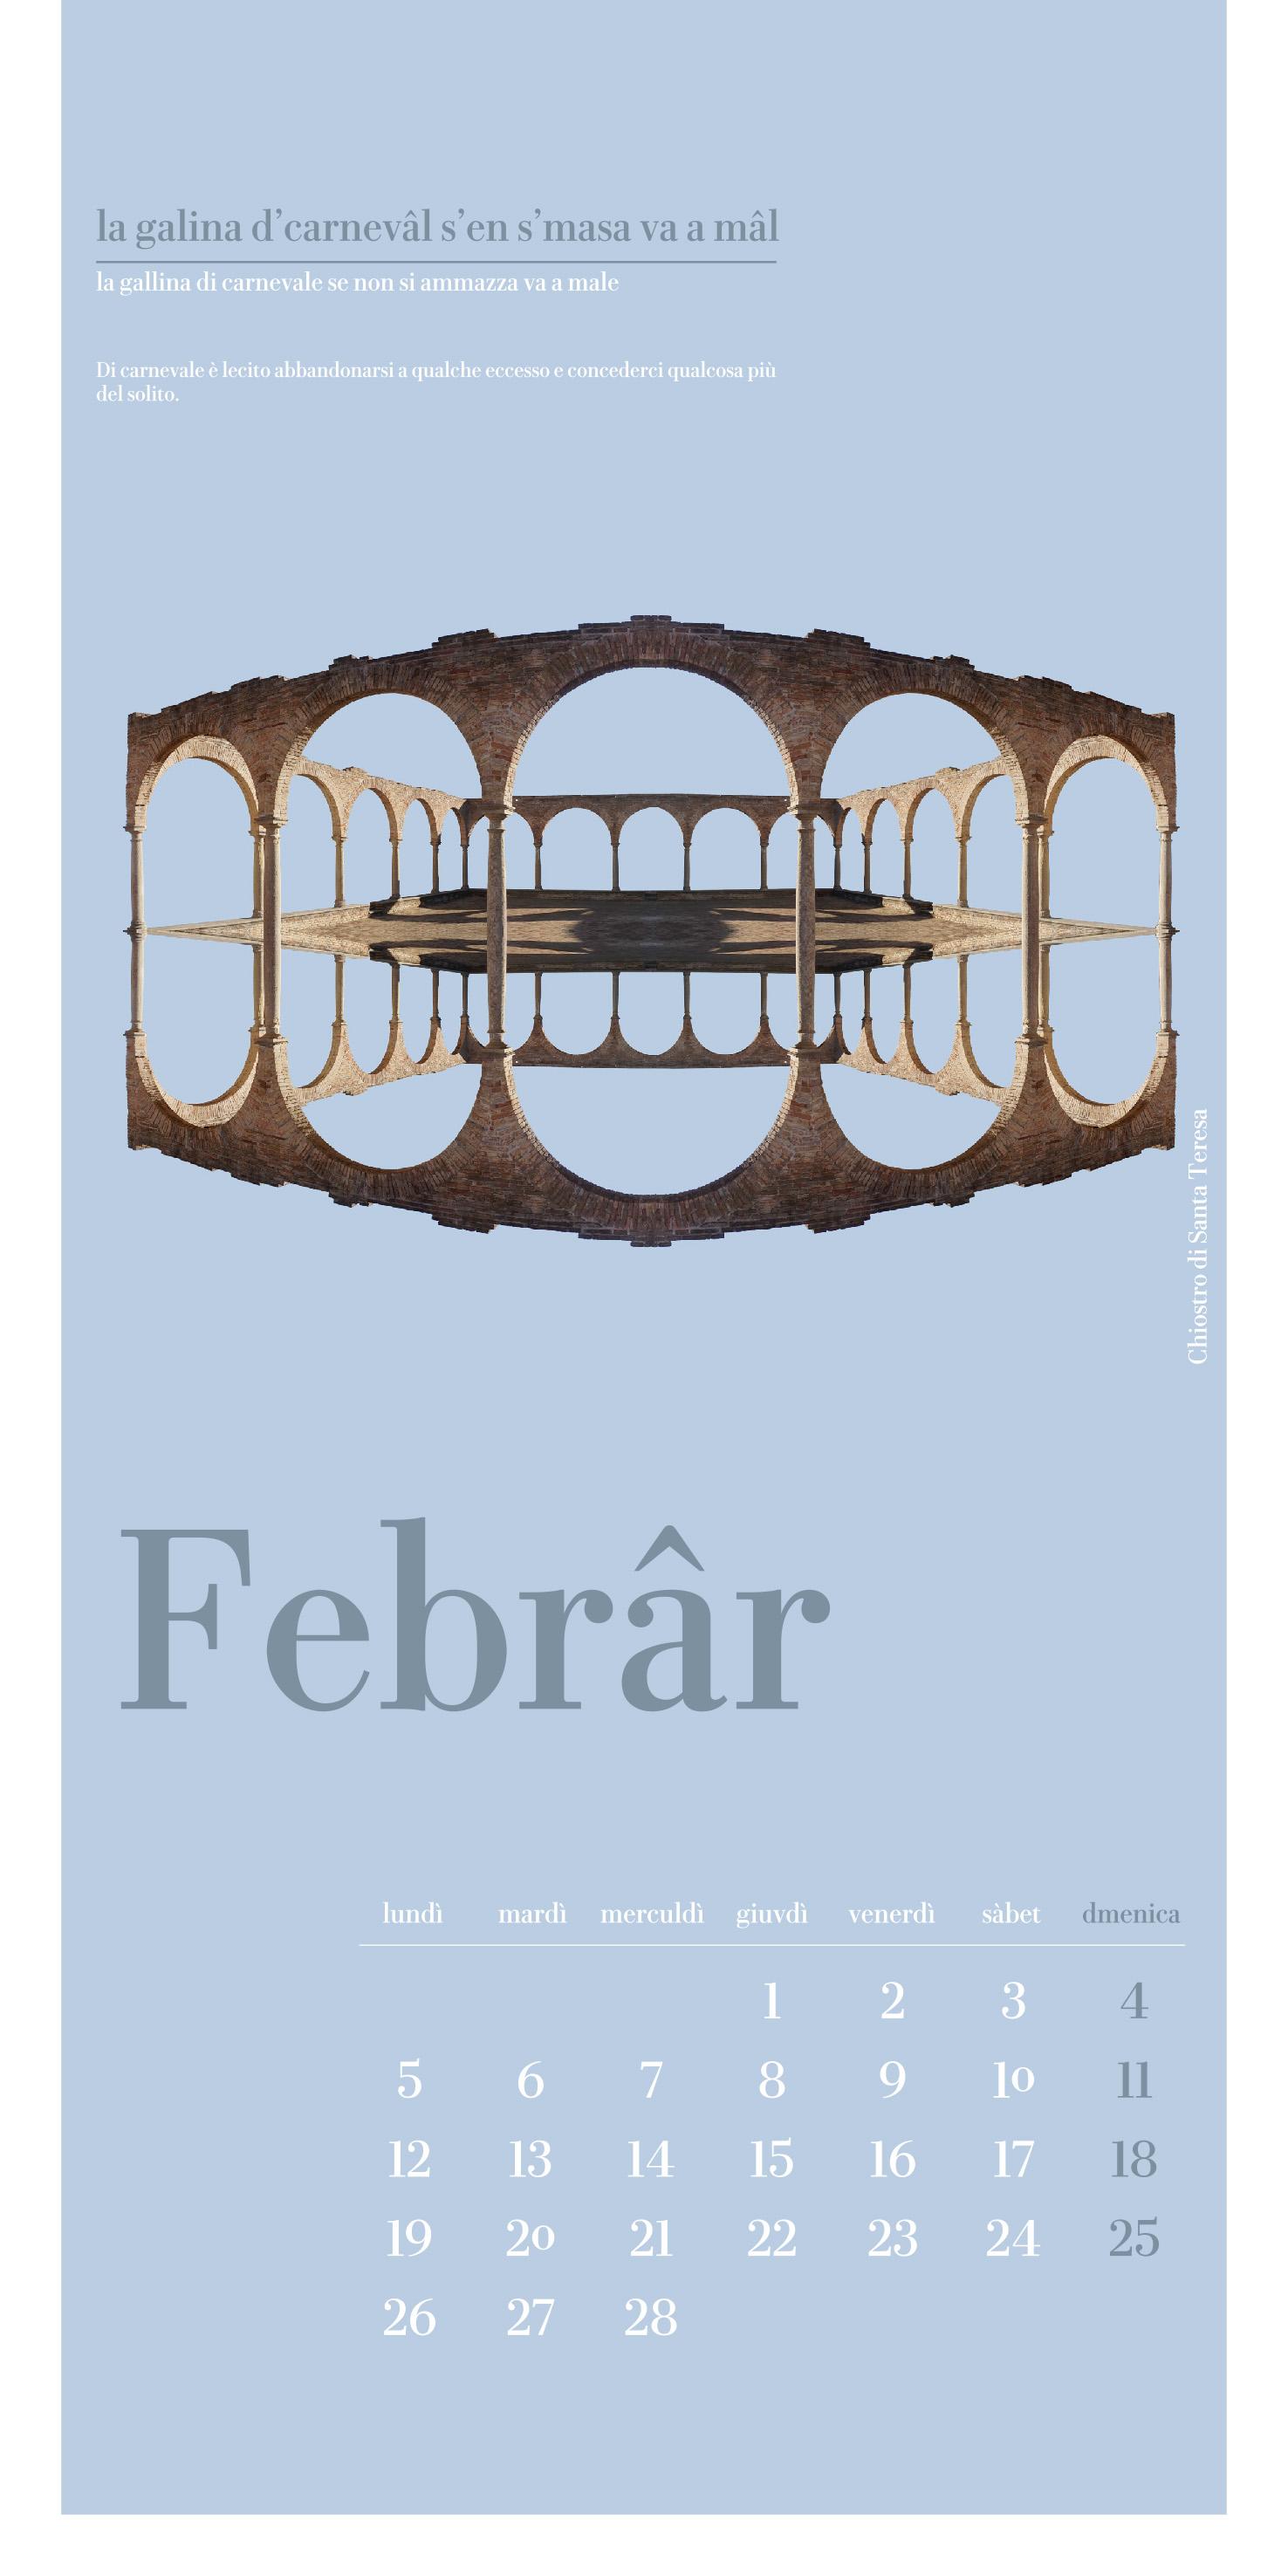 calendario 2018_stampa-3.jpg